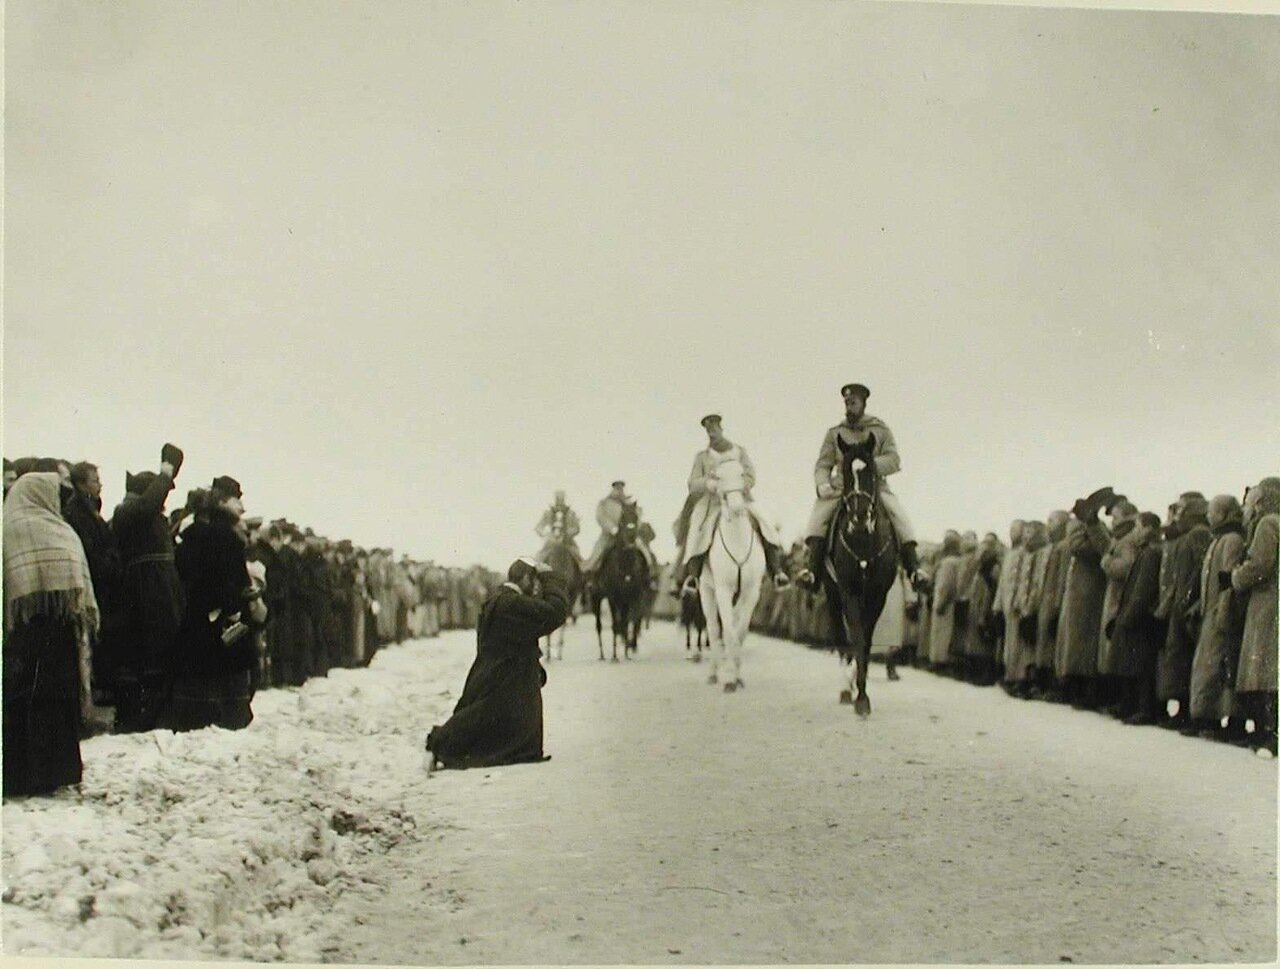 Местный житель подает прошение императору Николаю II. 19 декабря 1904